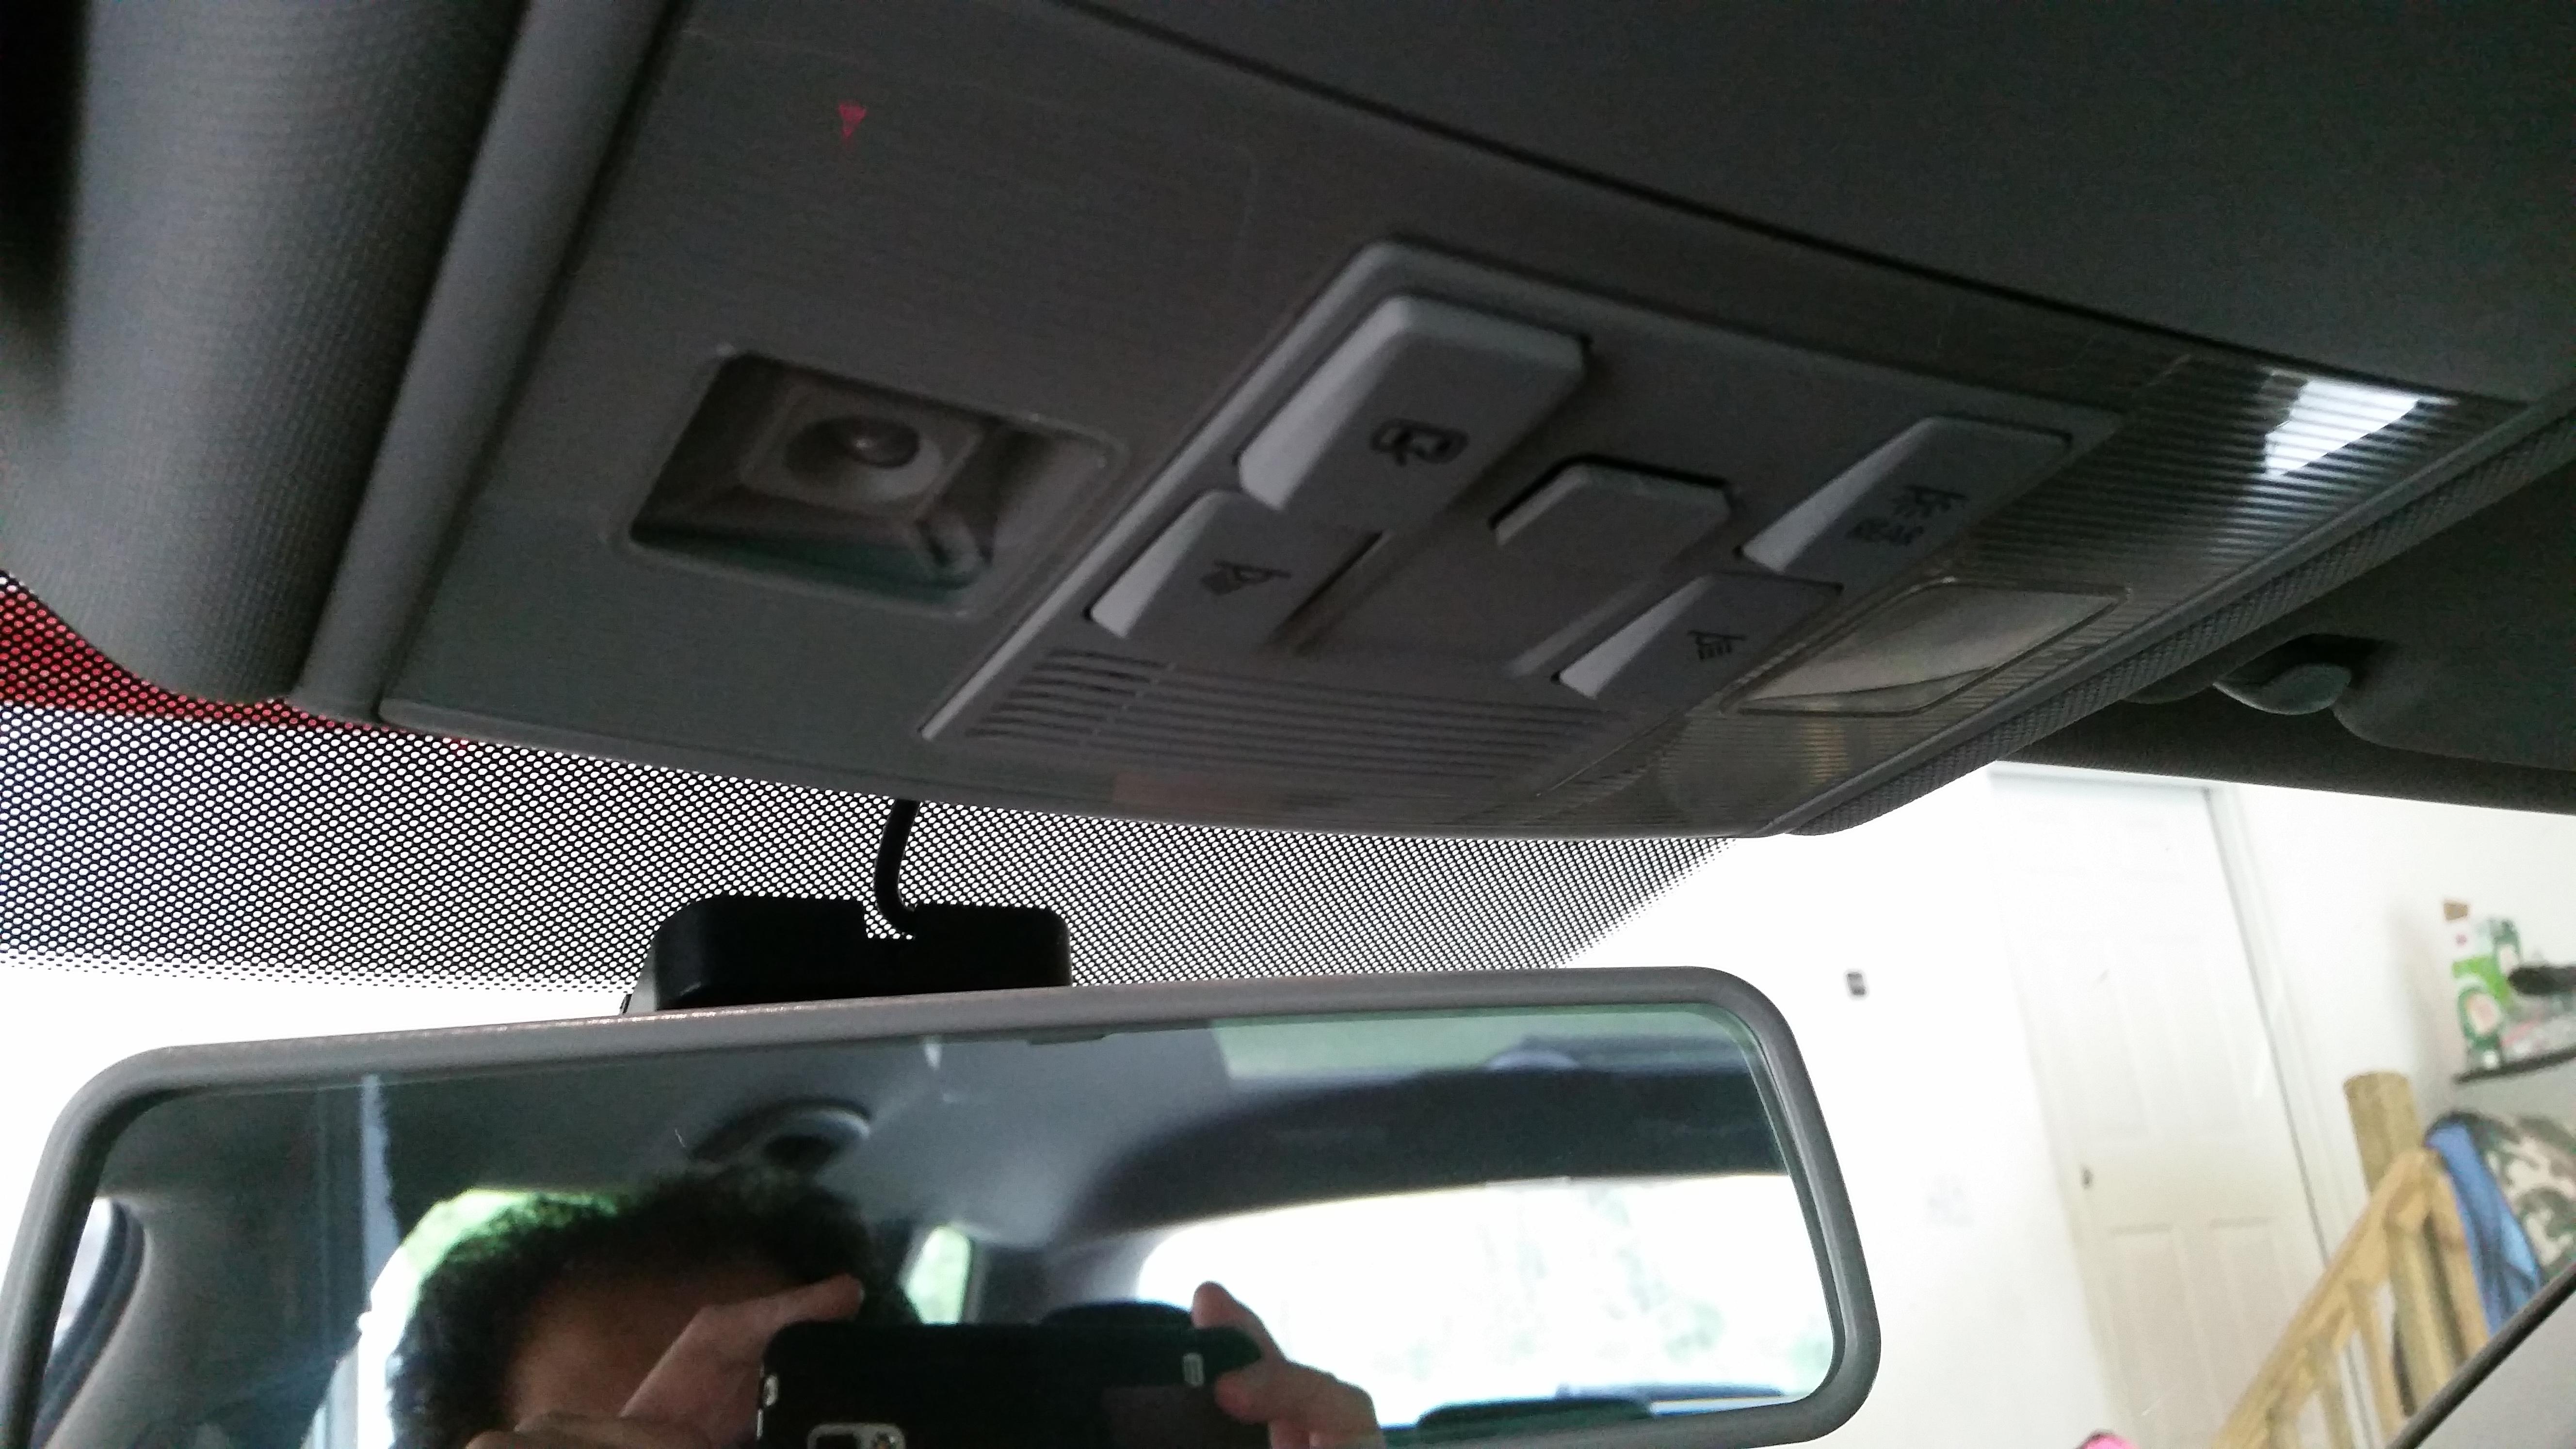 Adding Garage Door Controls To An Alltrack… – Cut by Caschy